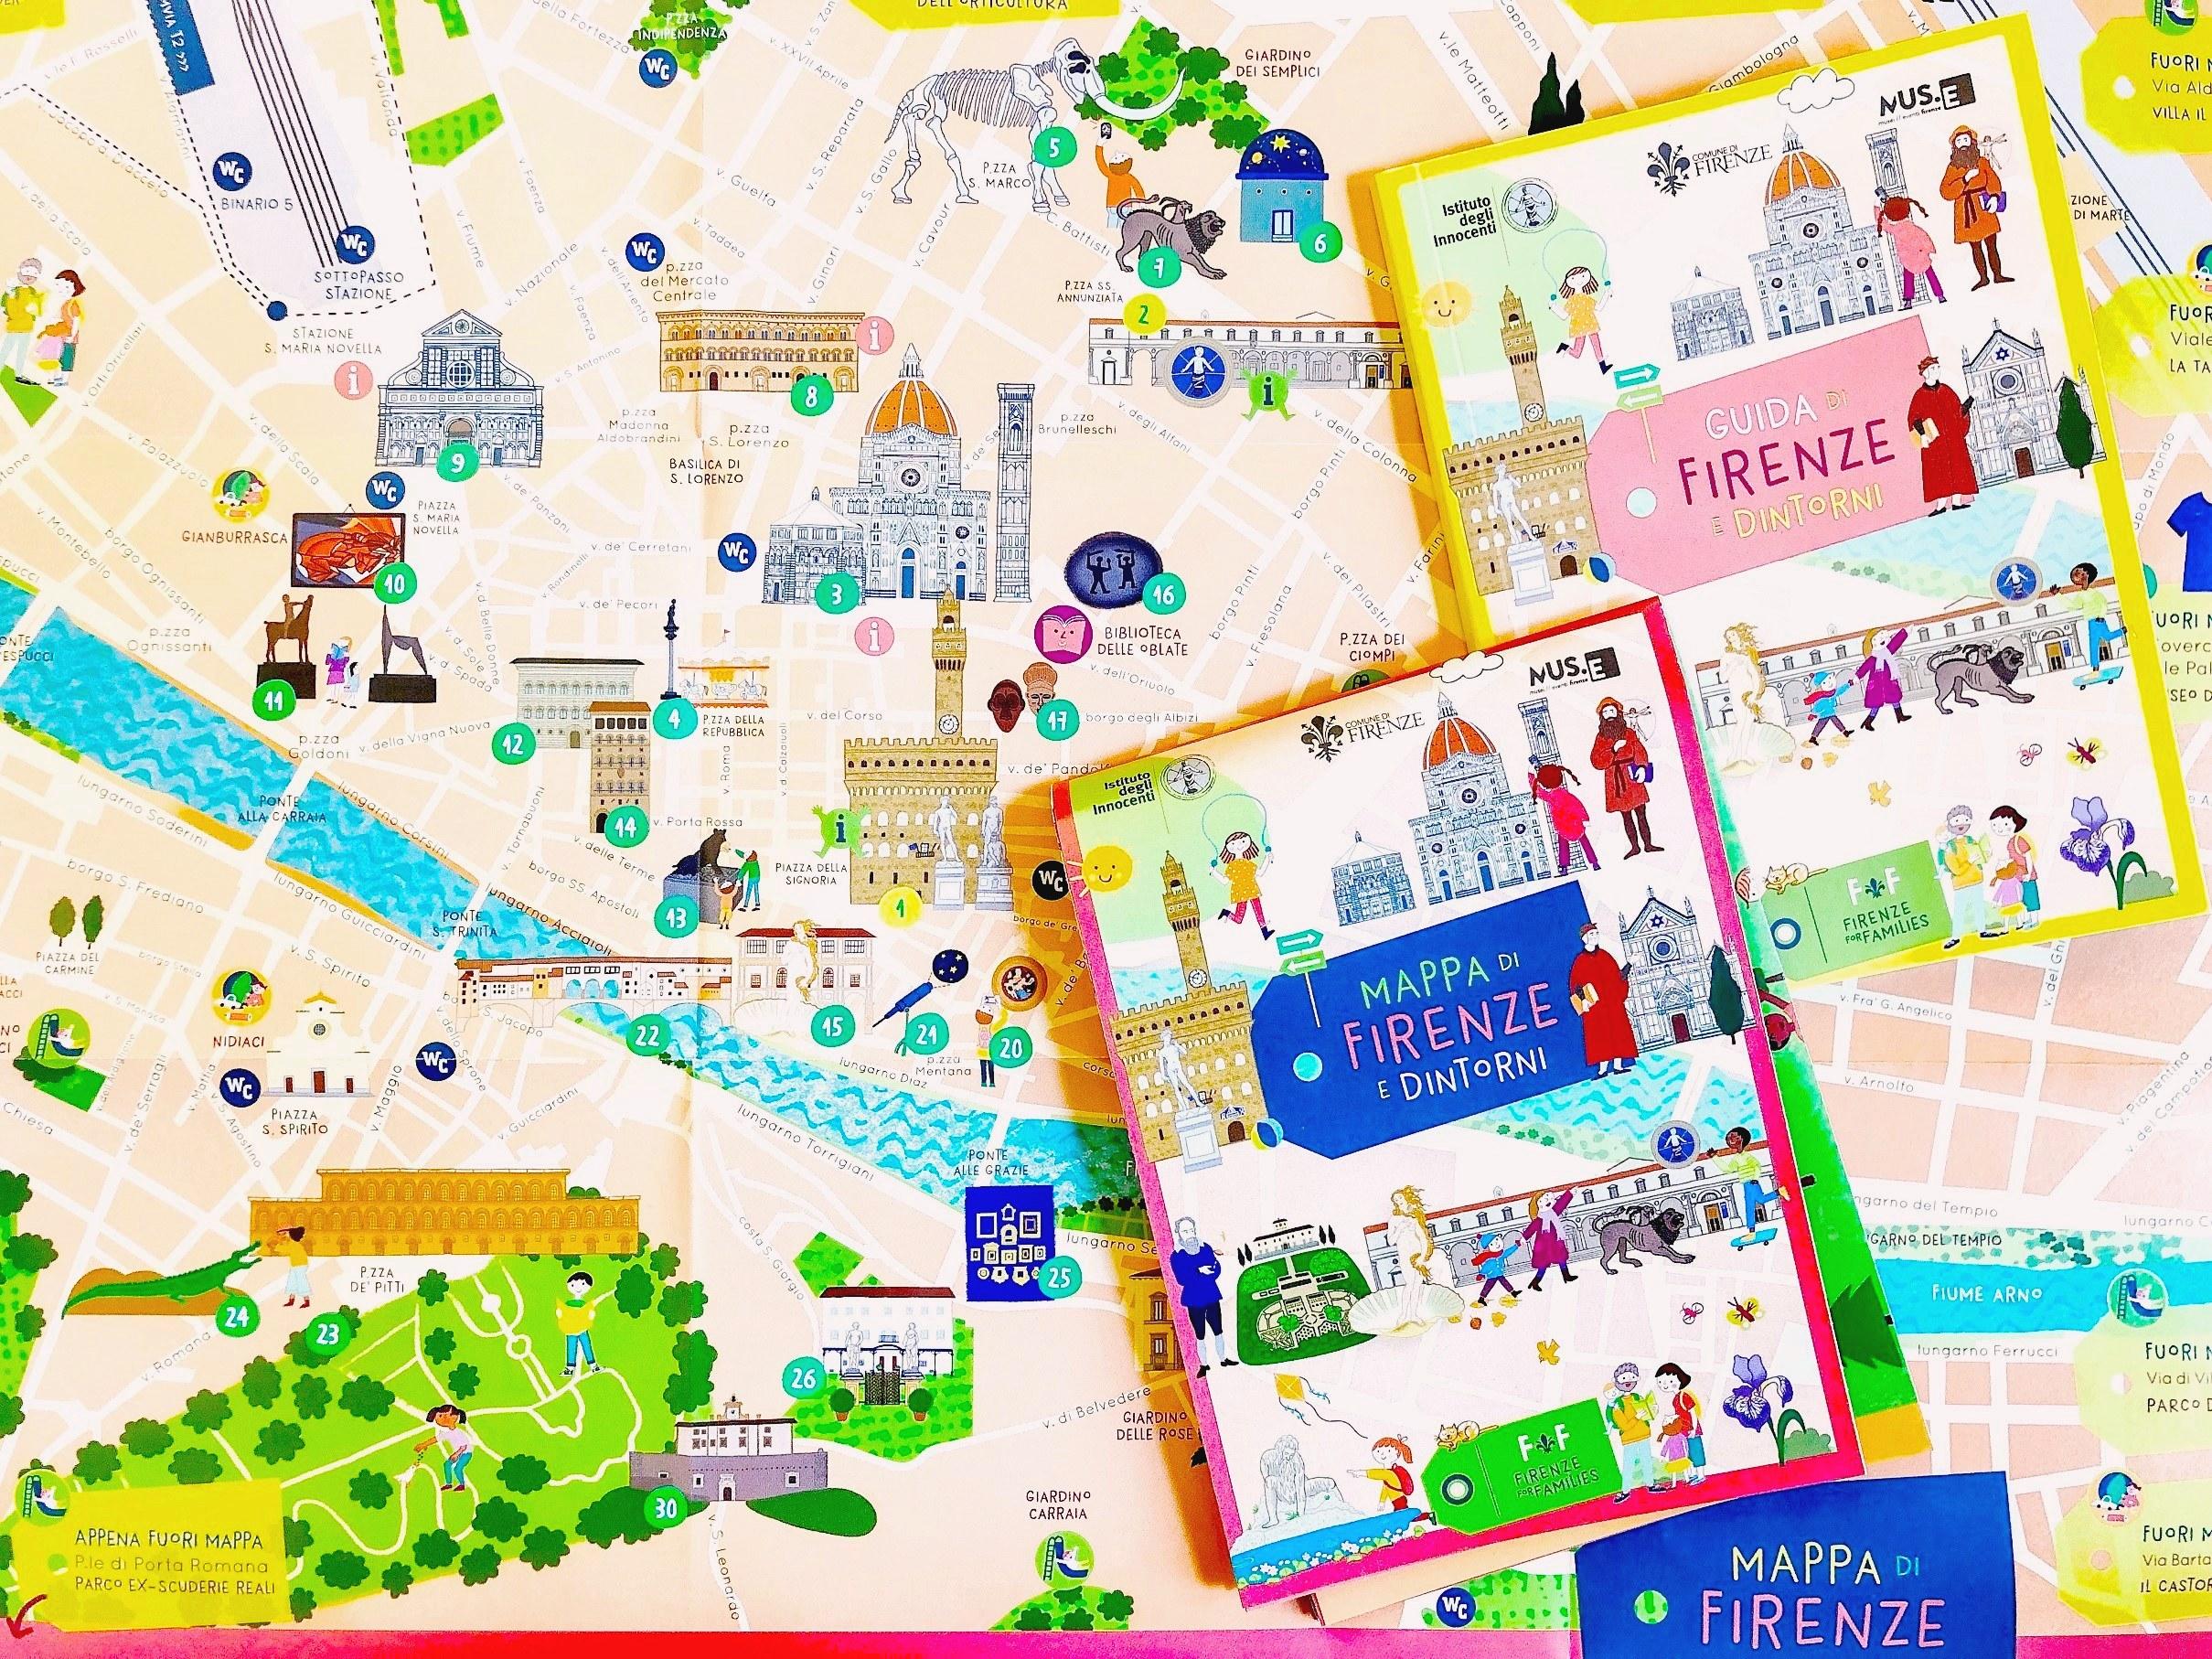 Cartina Citta Di Firenze.Firenze For Families Guida E Mappa Della Citta A Misura Di